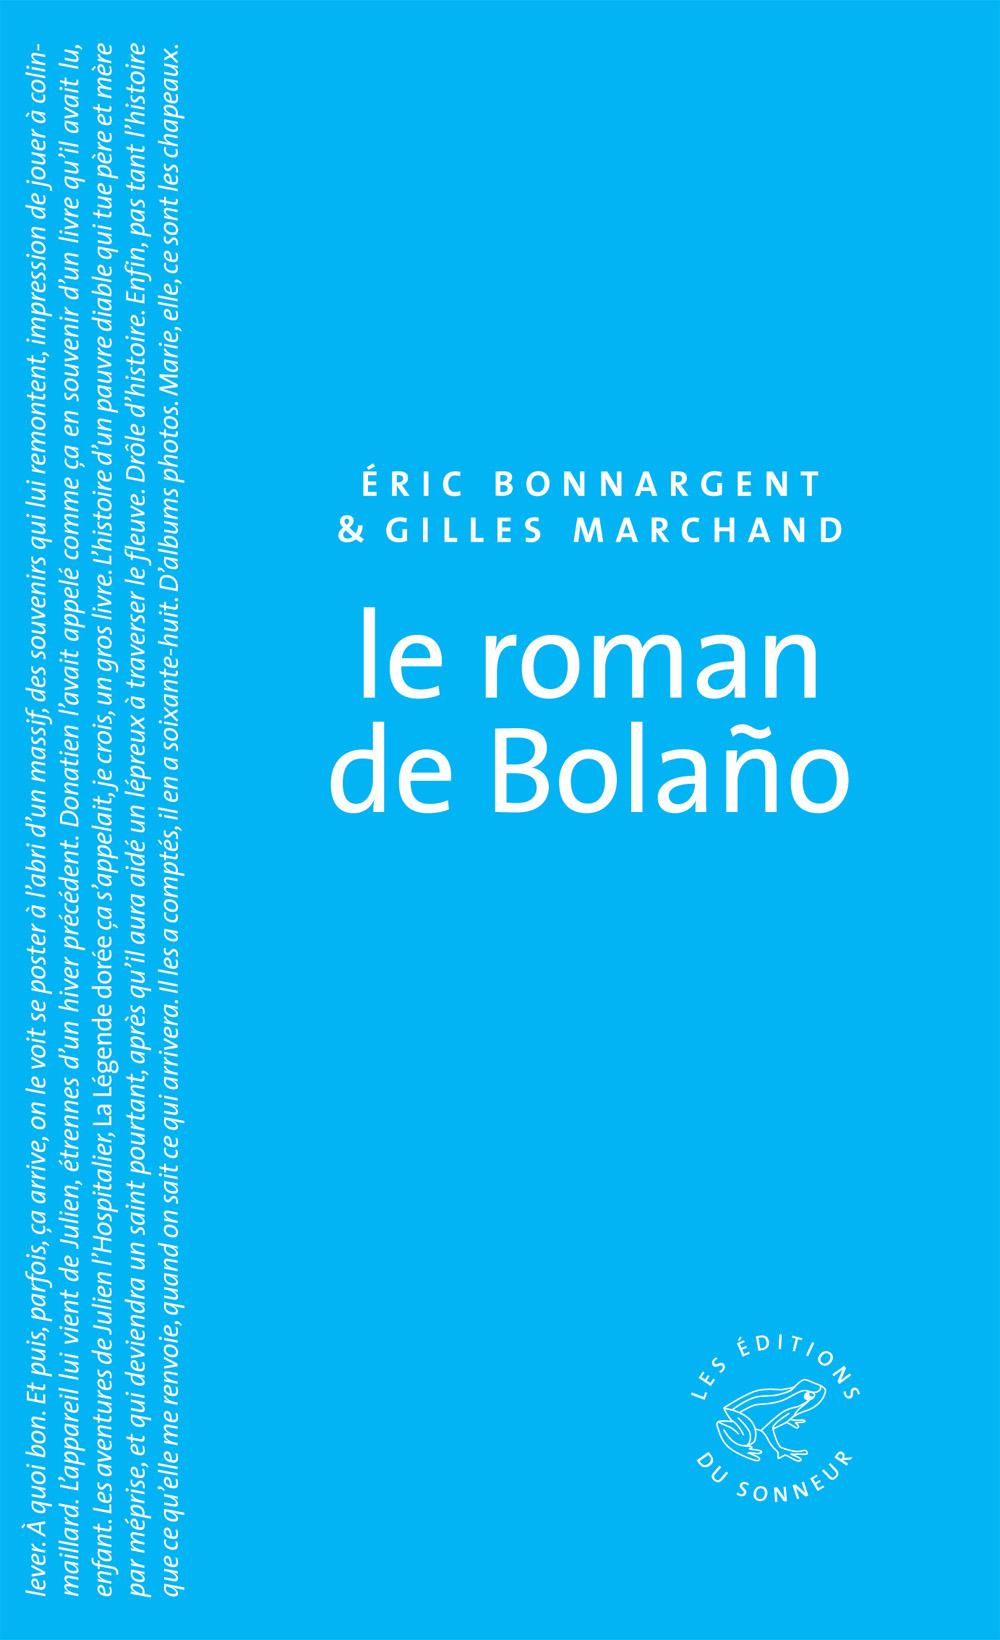 Le Roman de Bolaño